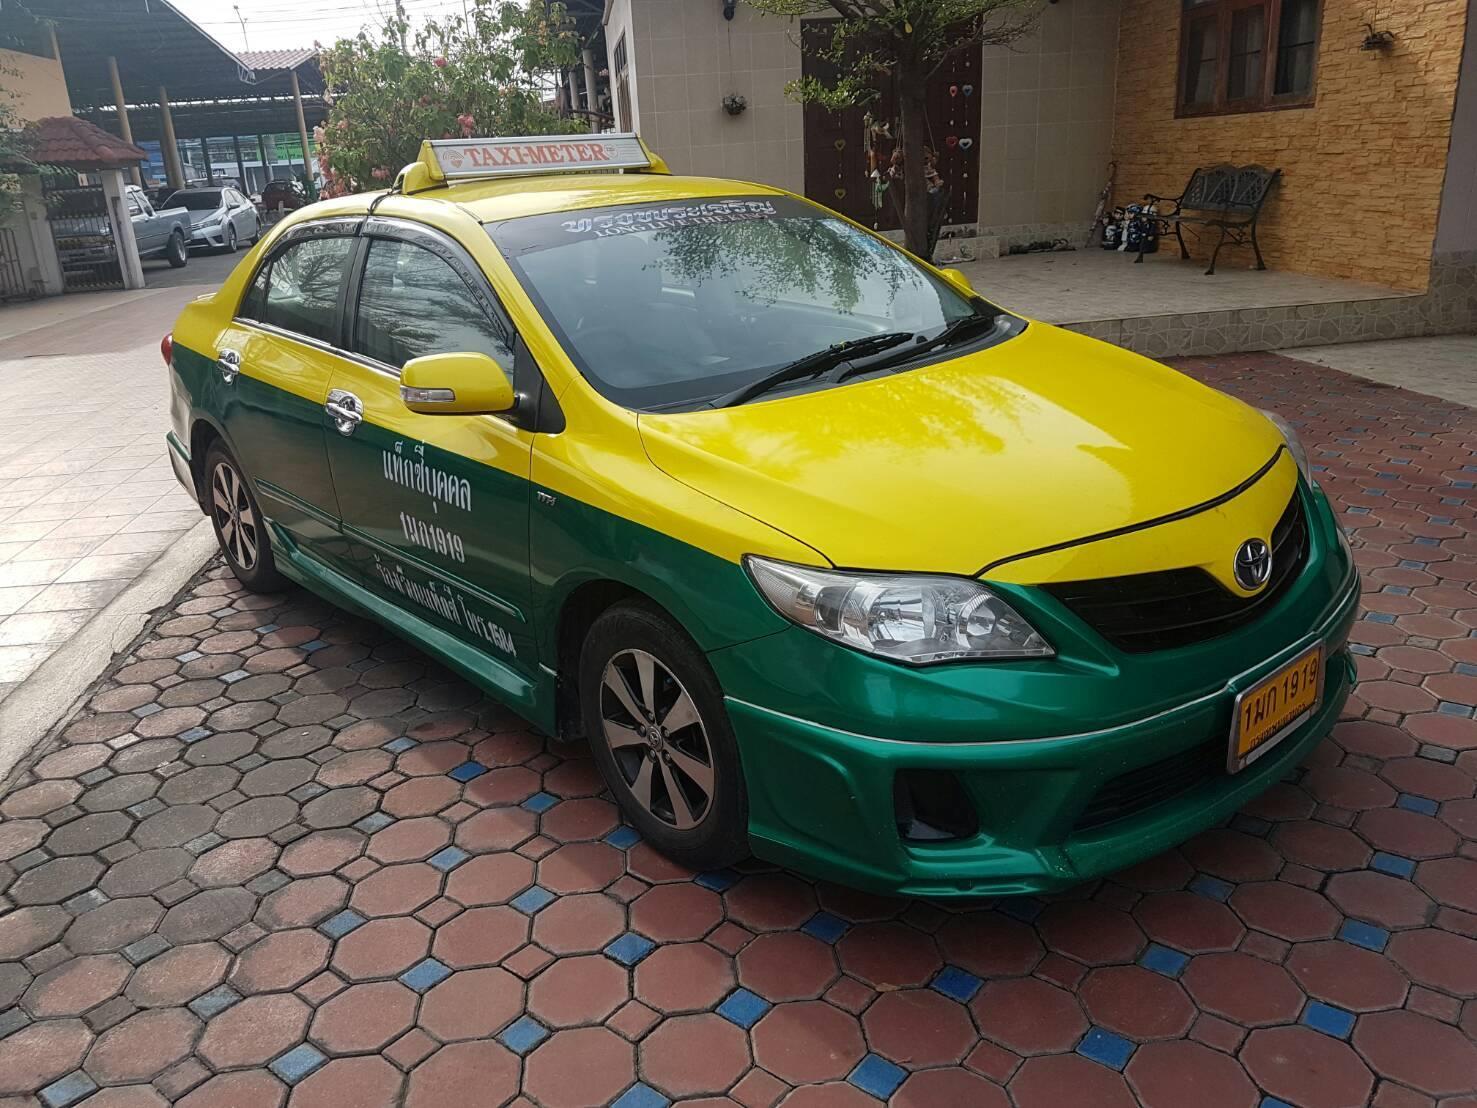 แท็กซี่มือสอง Altis J ปี 2011 เหลือวิ่ง 3 ปี 5 เดือน